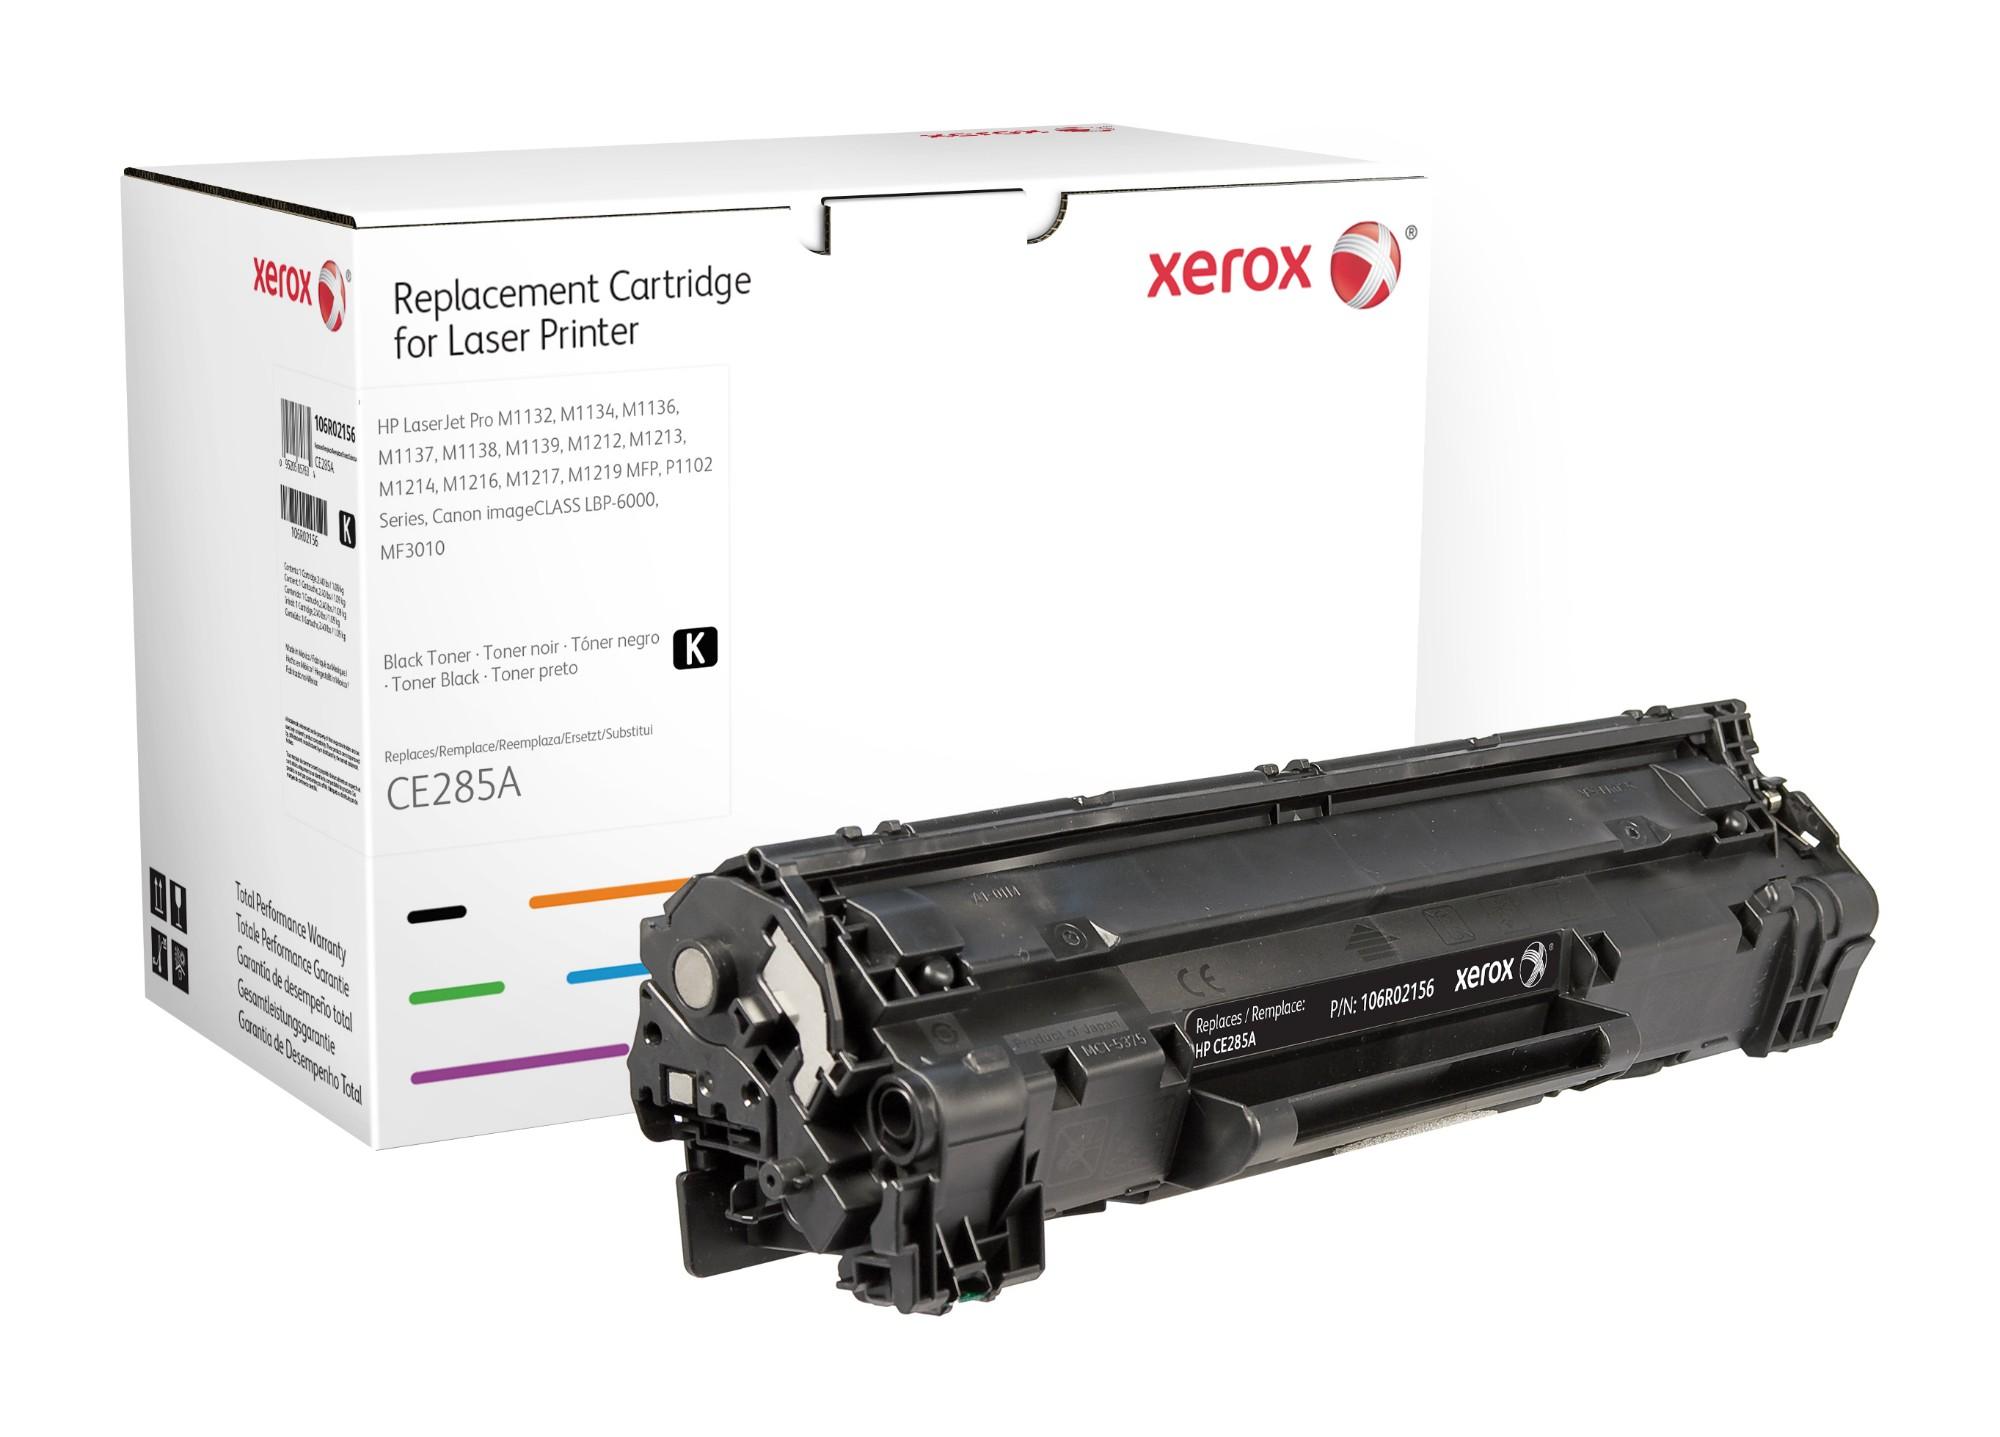 Xerox Cartucho de tóner negro. Equivalente a HP CE285A. Compatible con HP LaserJet P1102/P1102W, LaserJet P1132MFP, LaserJet P1212 MFP/P1217 MFP